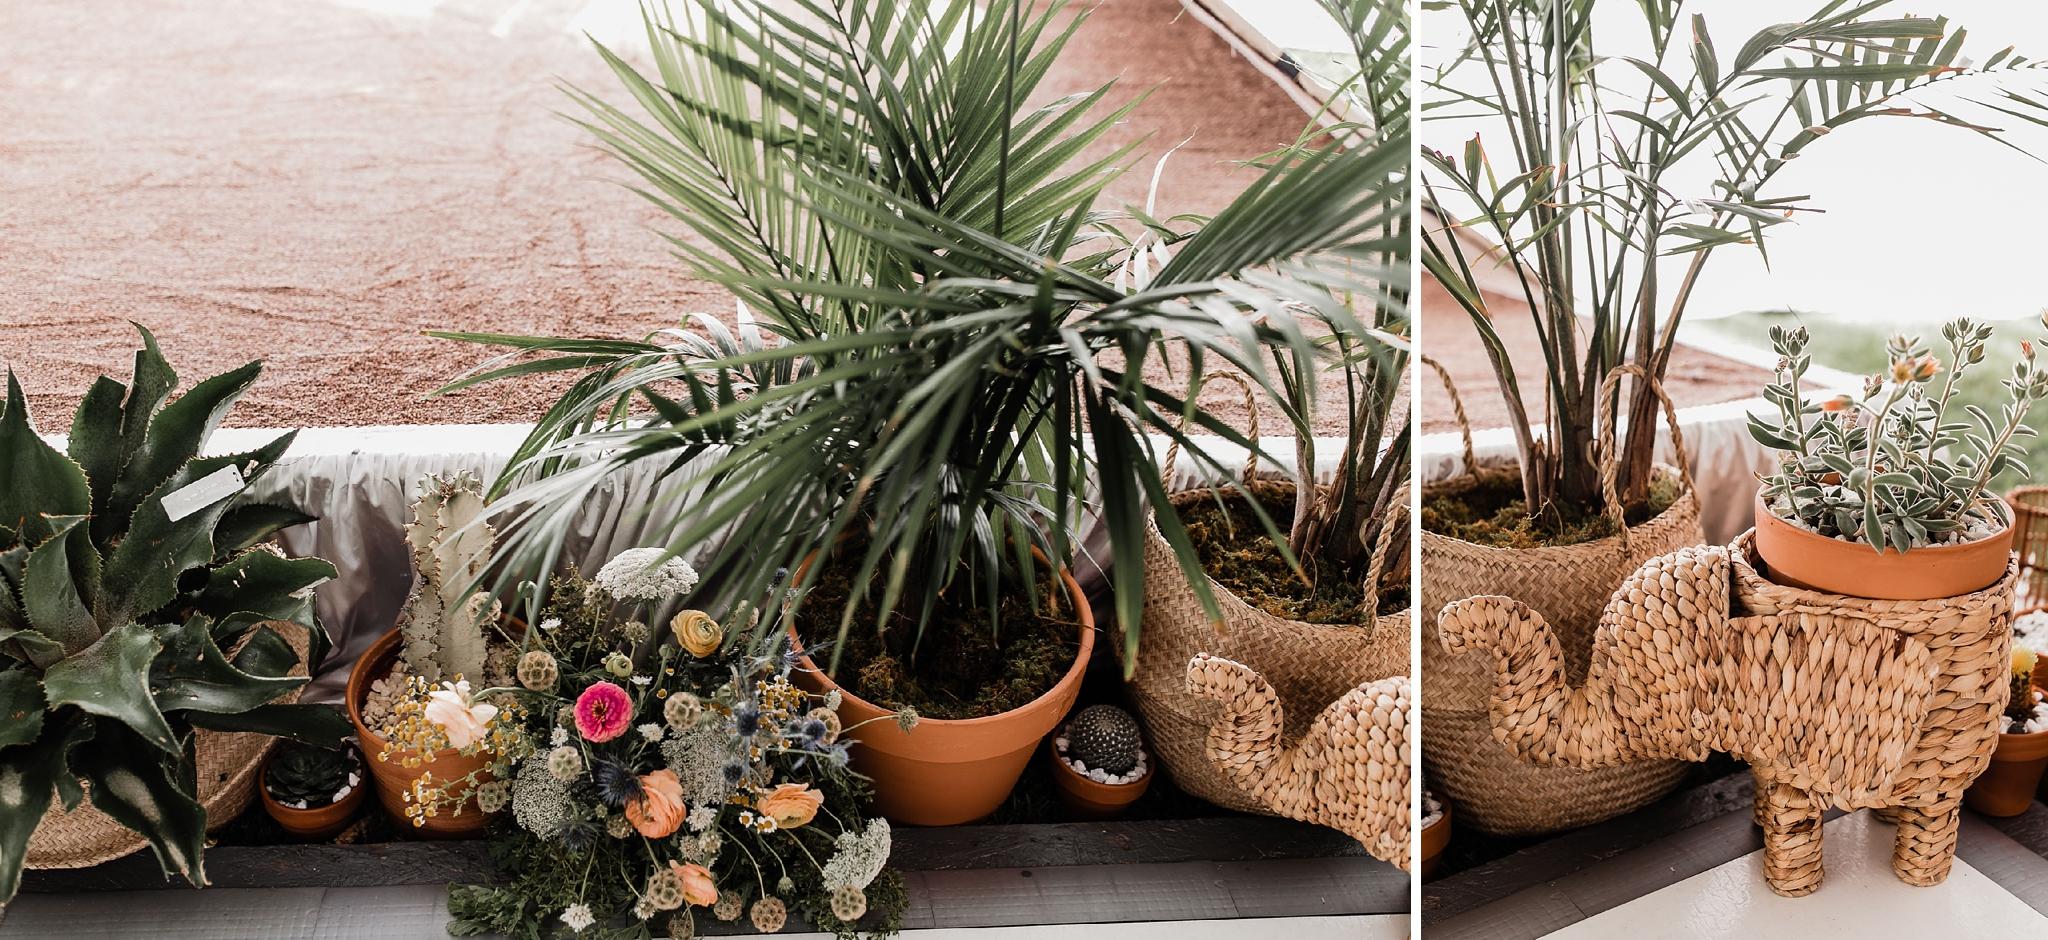 Alicia+lucia+photography+-+albuquerque+wedding+photographer+-+santa+fe+wedding+photography+-+new+mexico+wedding+photographer+-+new+mexico+wedding+-+summer+wedding+-+summer+wedding+florals+-+southwest+wedding_0083.jpg